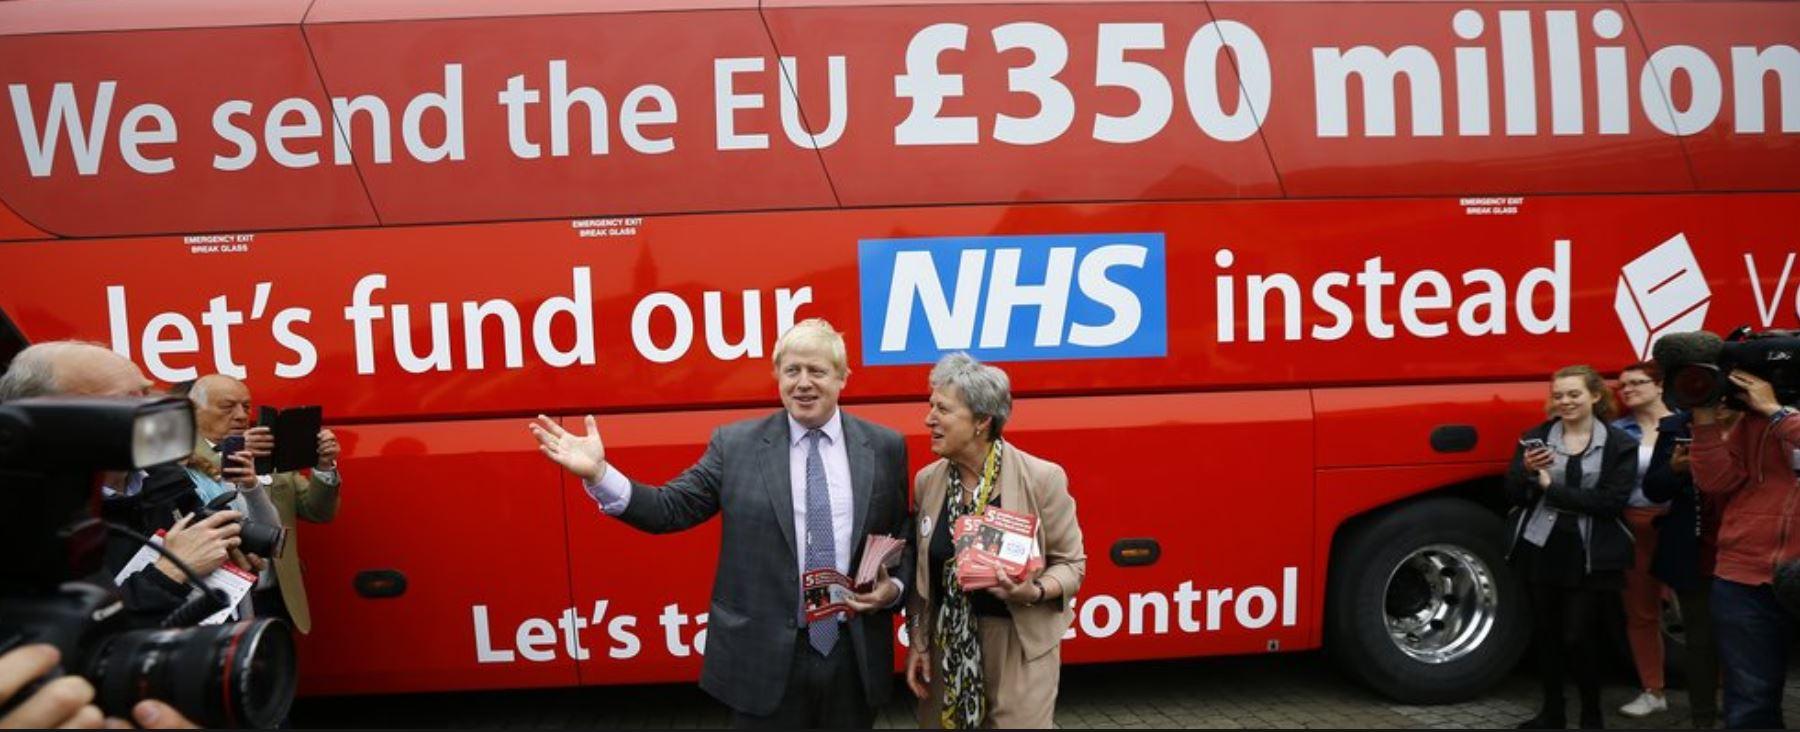 The Boris Johnson Brexit Bus Lie of £350m - Conversion Uplift